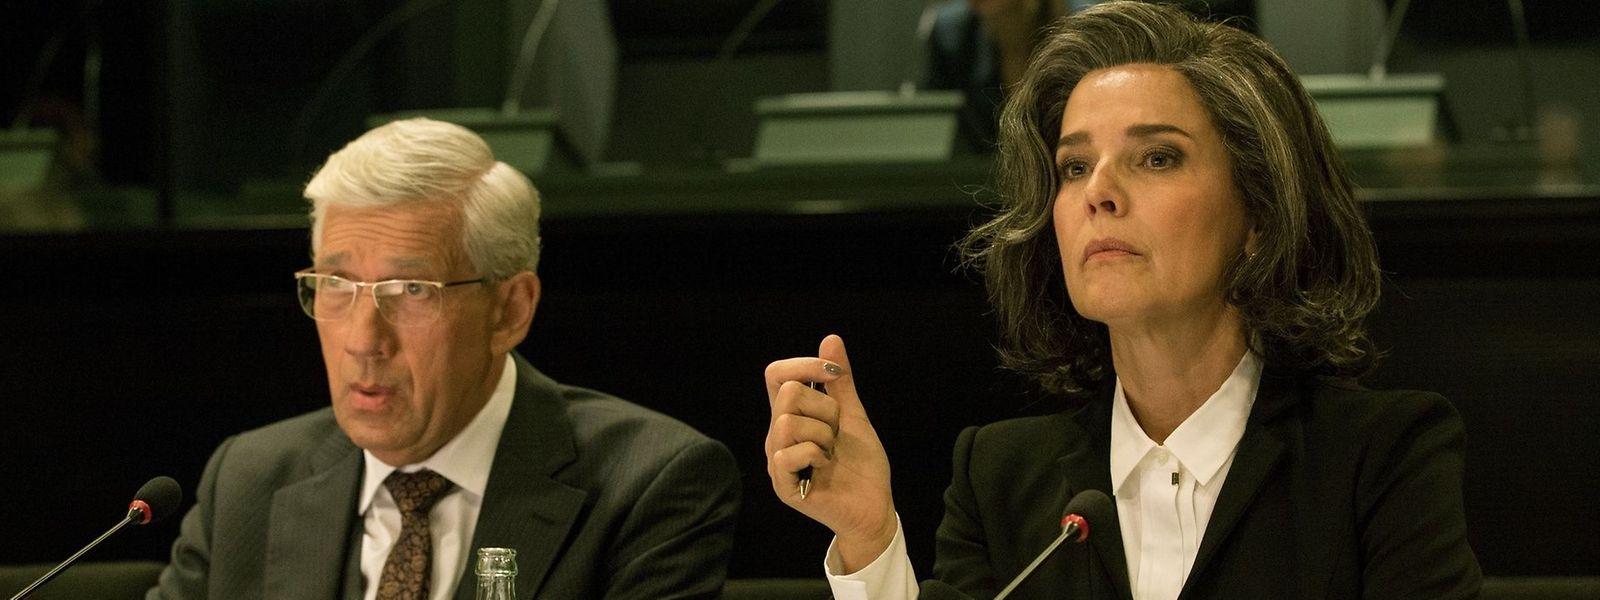 """Serienfans aufgepasst: Bald gibt es neue Folgen der Dramaserie """"Bad Banks""""."""